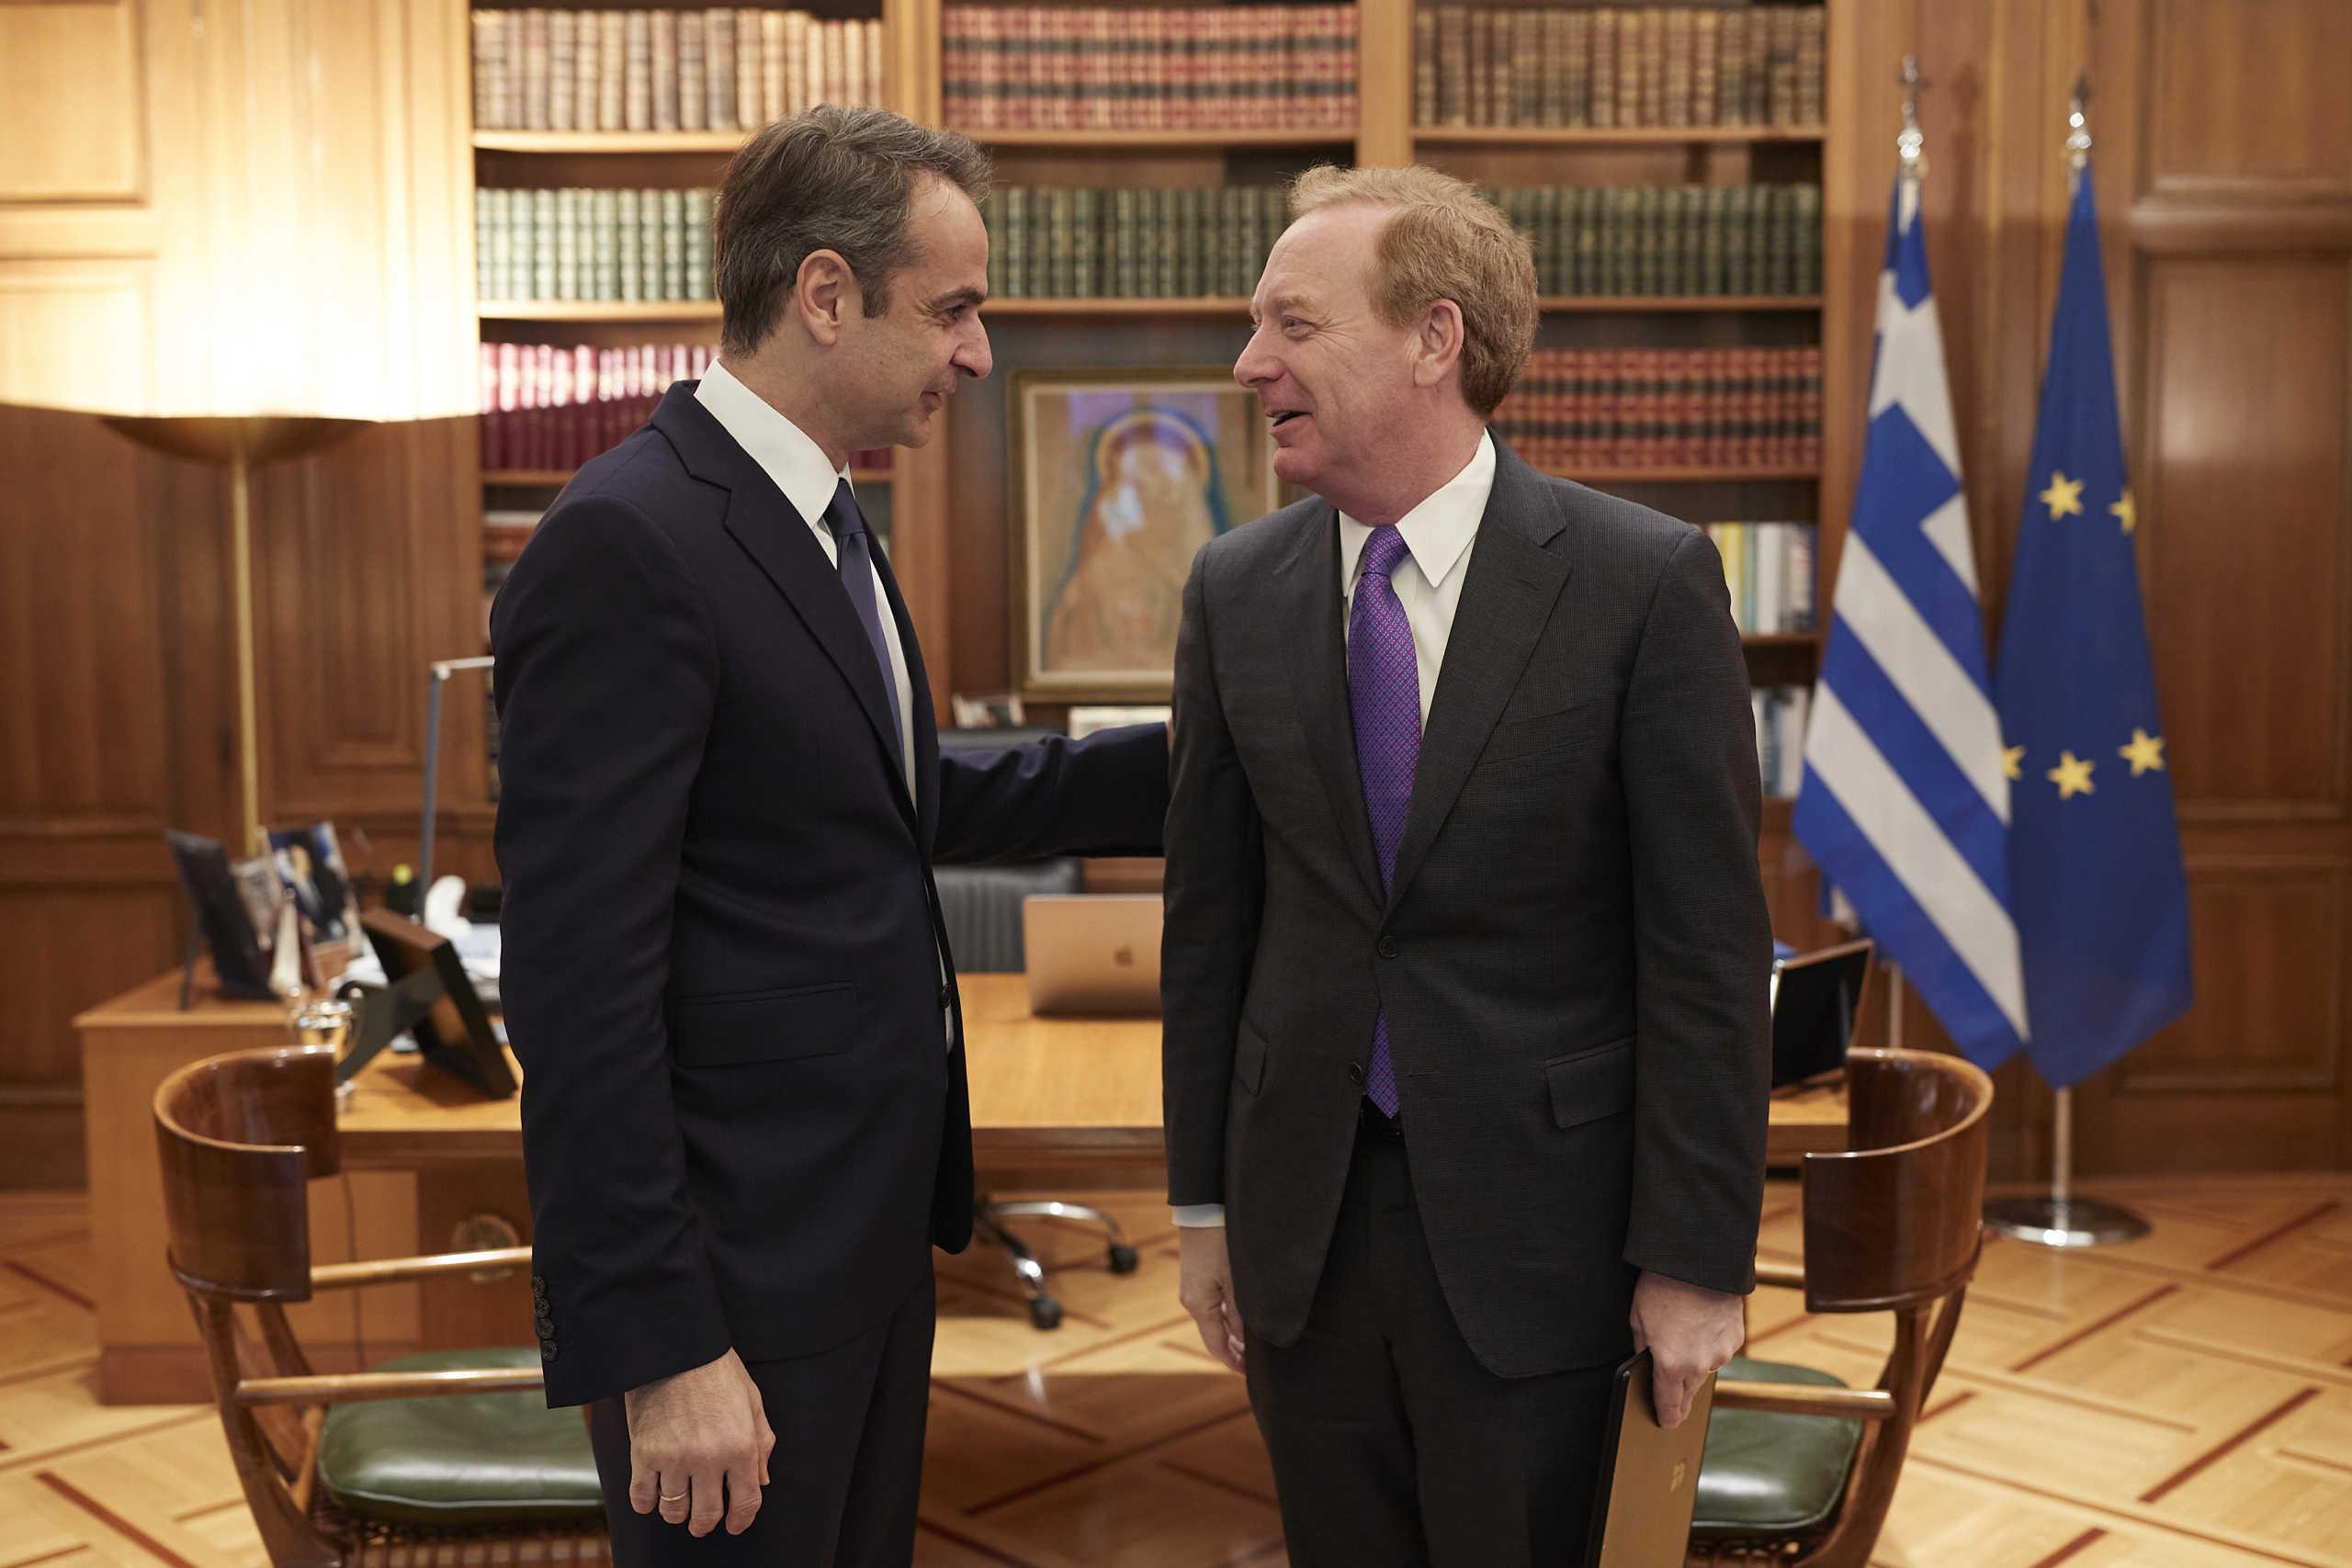 Η Microsoft επενδύει στην Ελλάδα – Η στρατηγική Μητσοτάκη για την επόμενη μέρα της πανδημίας